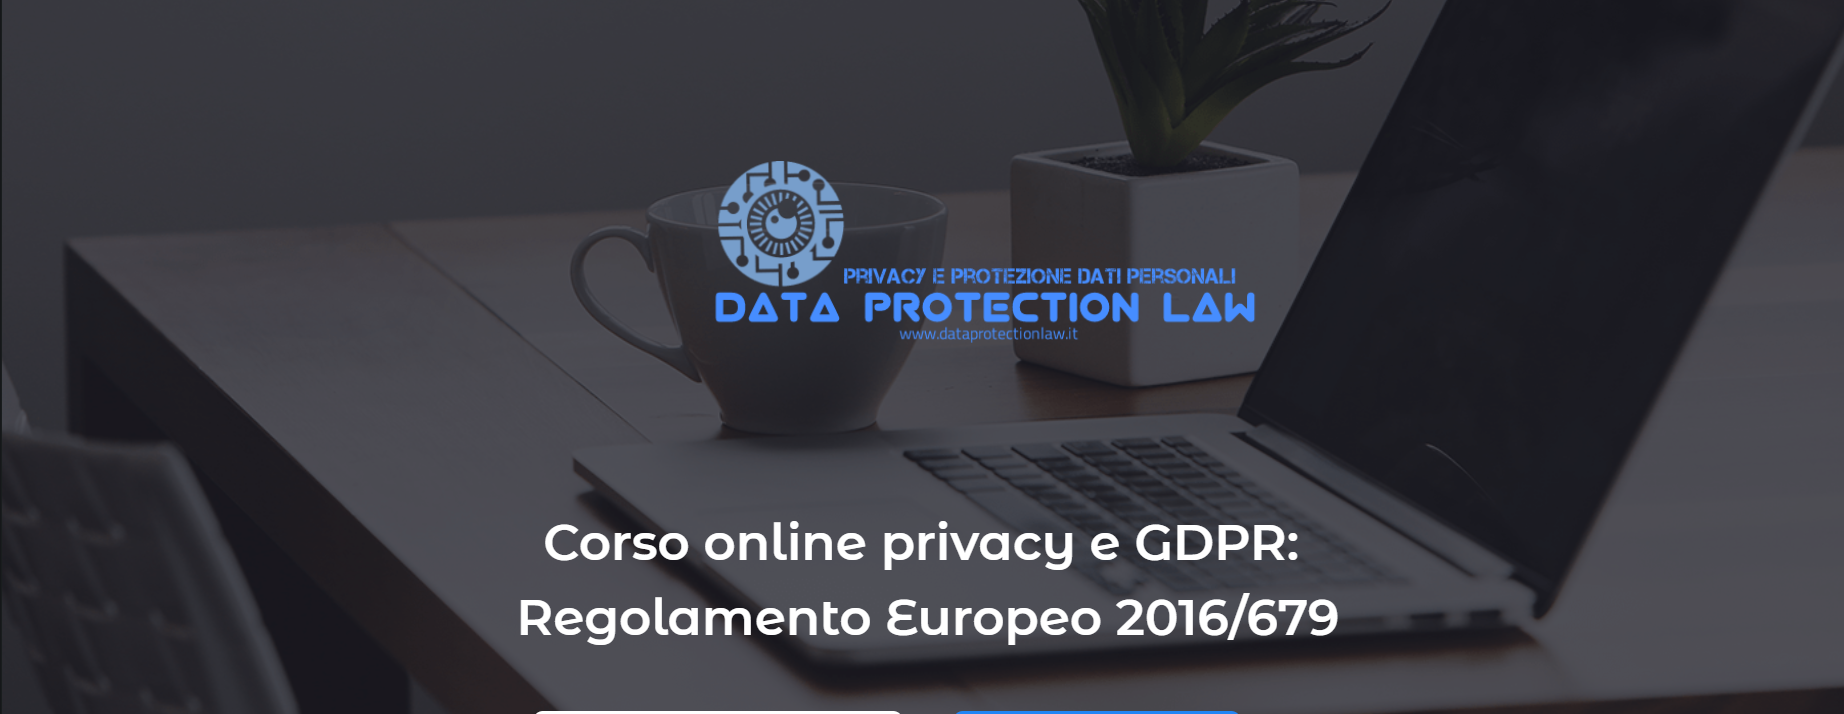 Corso online privacy e GDPR: Regolamento Europeo 679/2016